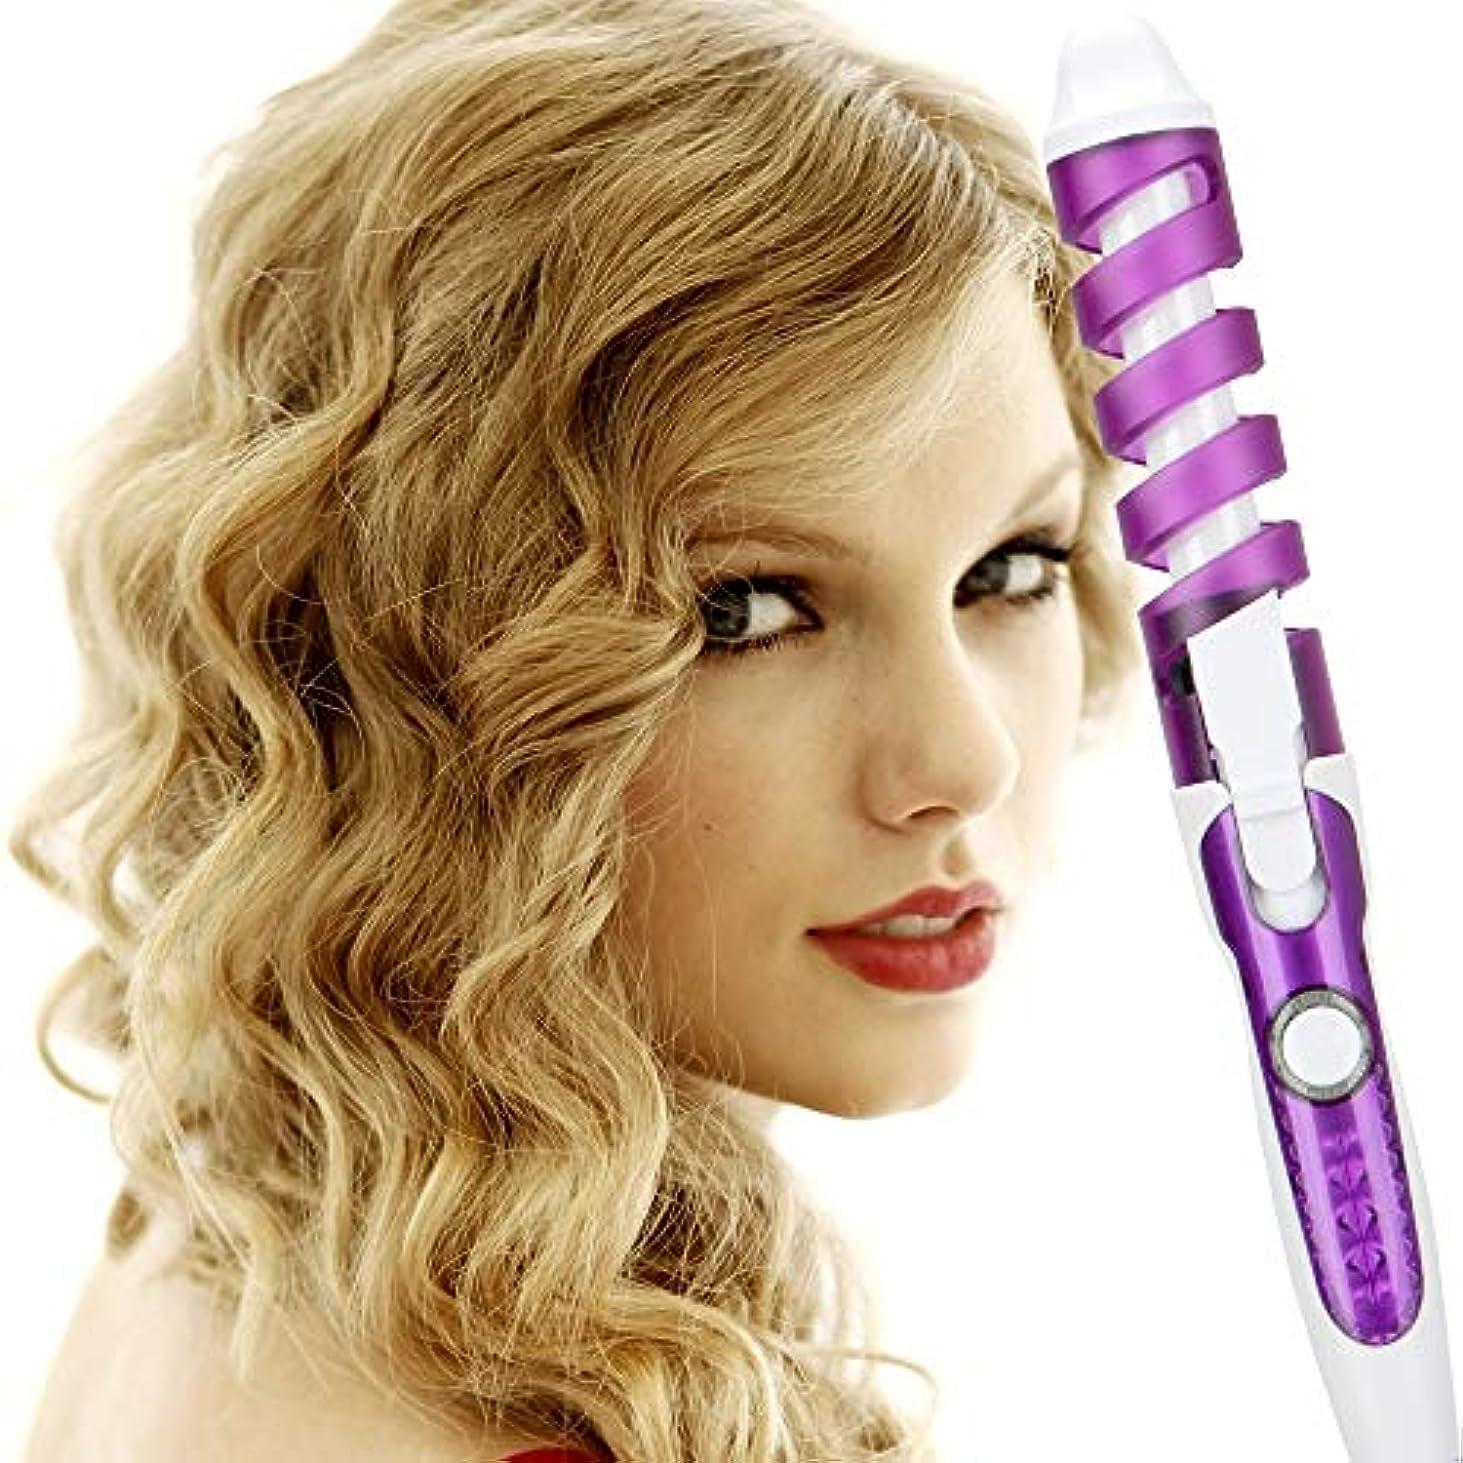 分学部長利益プロヘアカーラーローラースパイラルカーリングアイロンサロンカーリングワンド高速加熱電気プロヘアスタイラー美容スタイリングツール,紫色